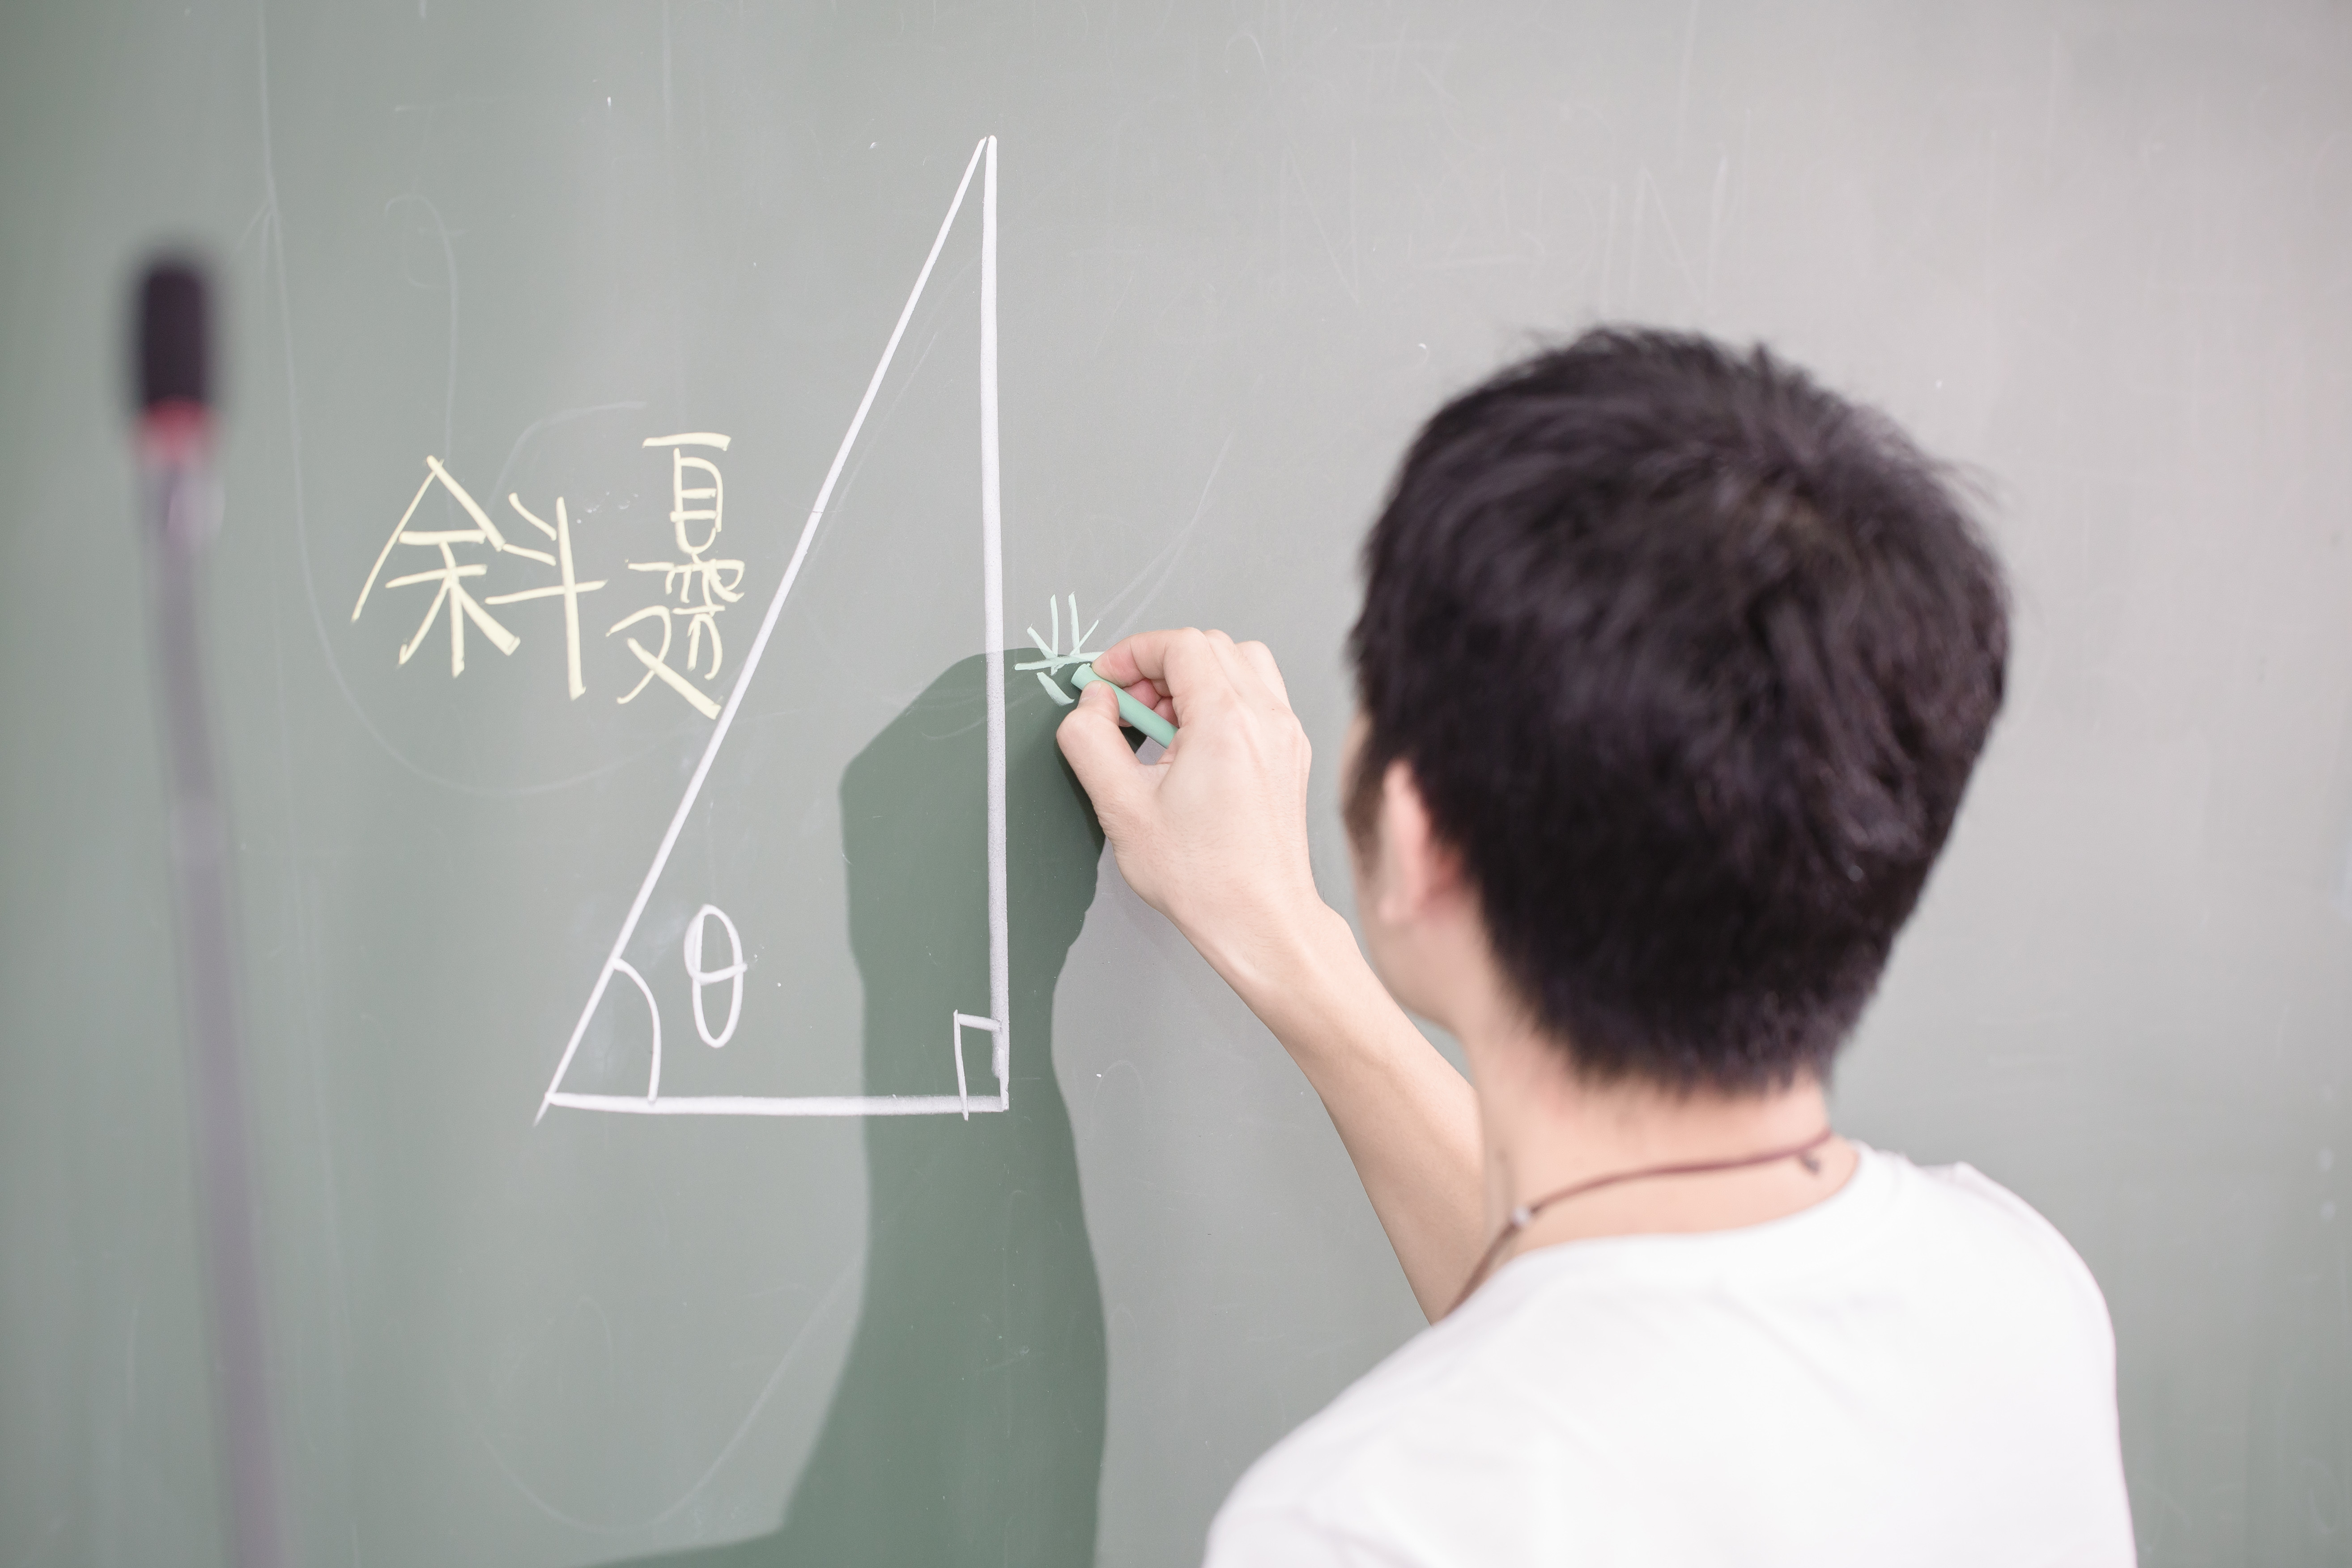 親子教育、高中,學生上課,高中數學,教育,互動問答,舉手發問,教室(圖/記者林世文攝)